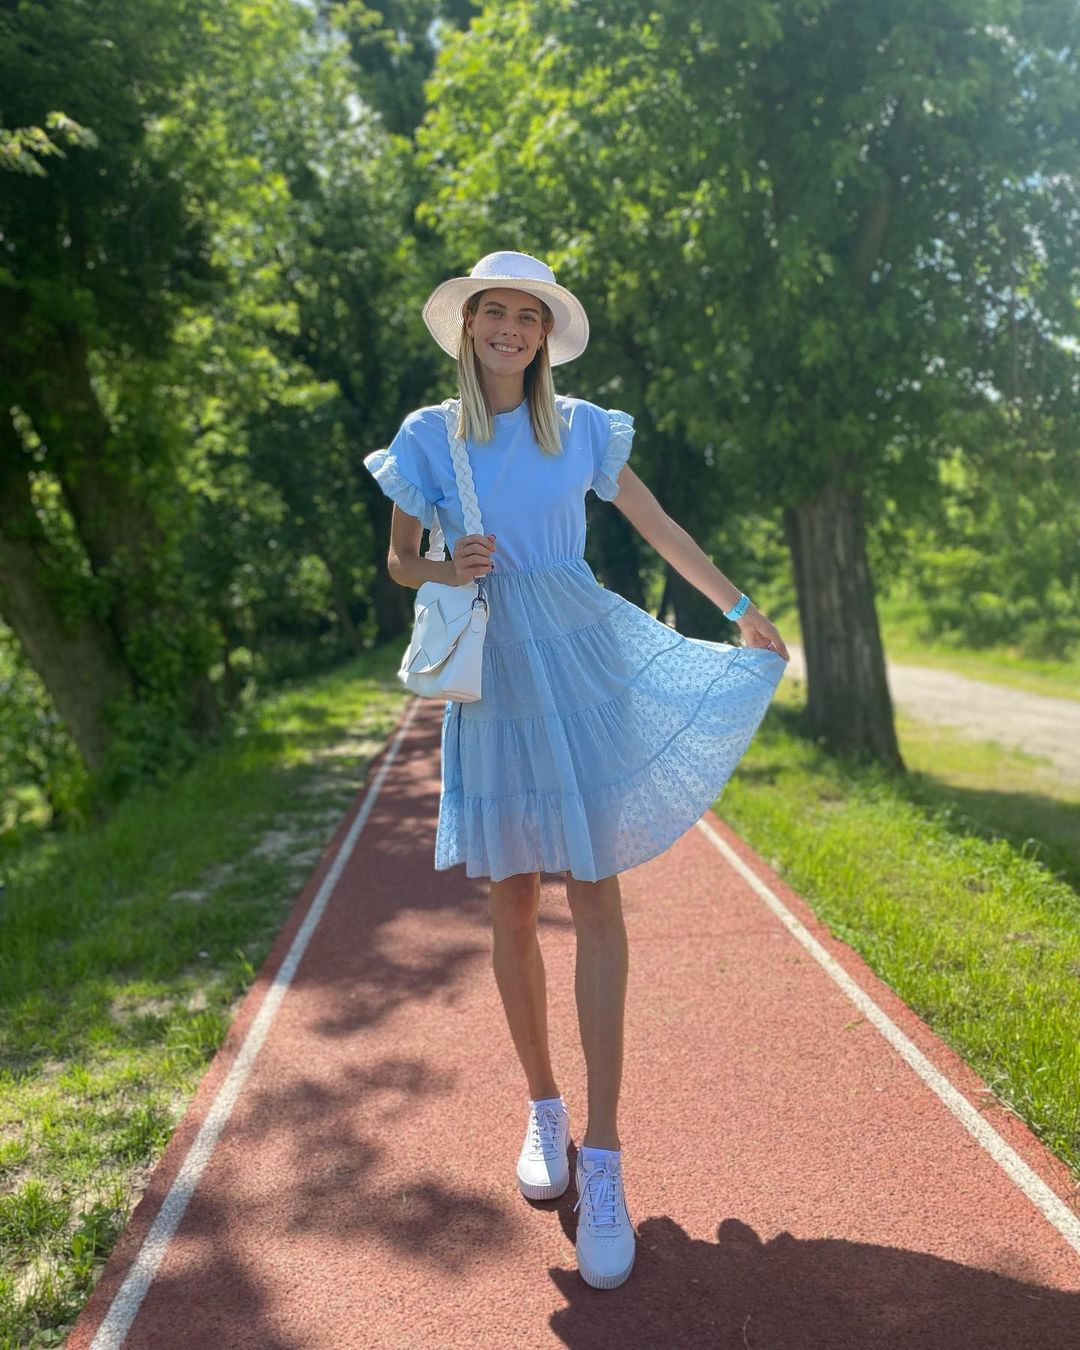 [东奥正妹]乌克兰跳高美少女刷新世界纪录 修长美腿有着绝对优势 养眼图片 第9张